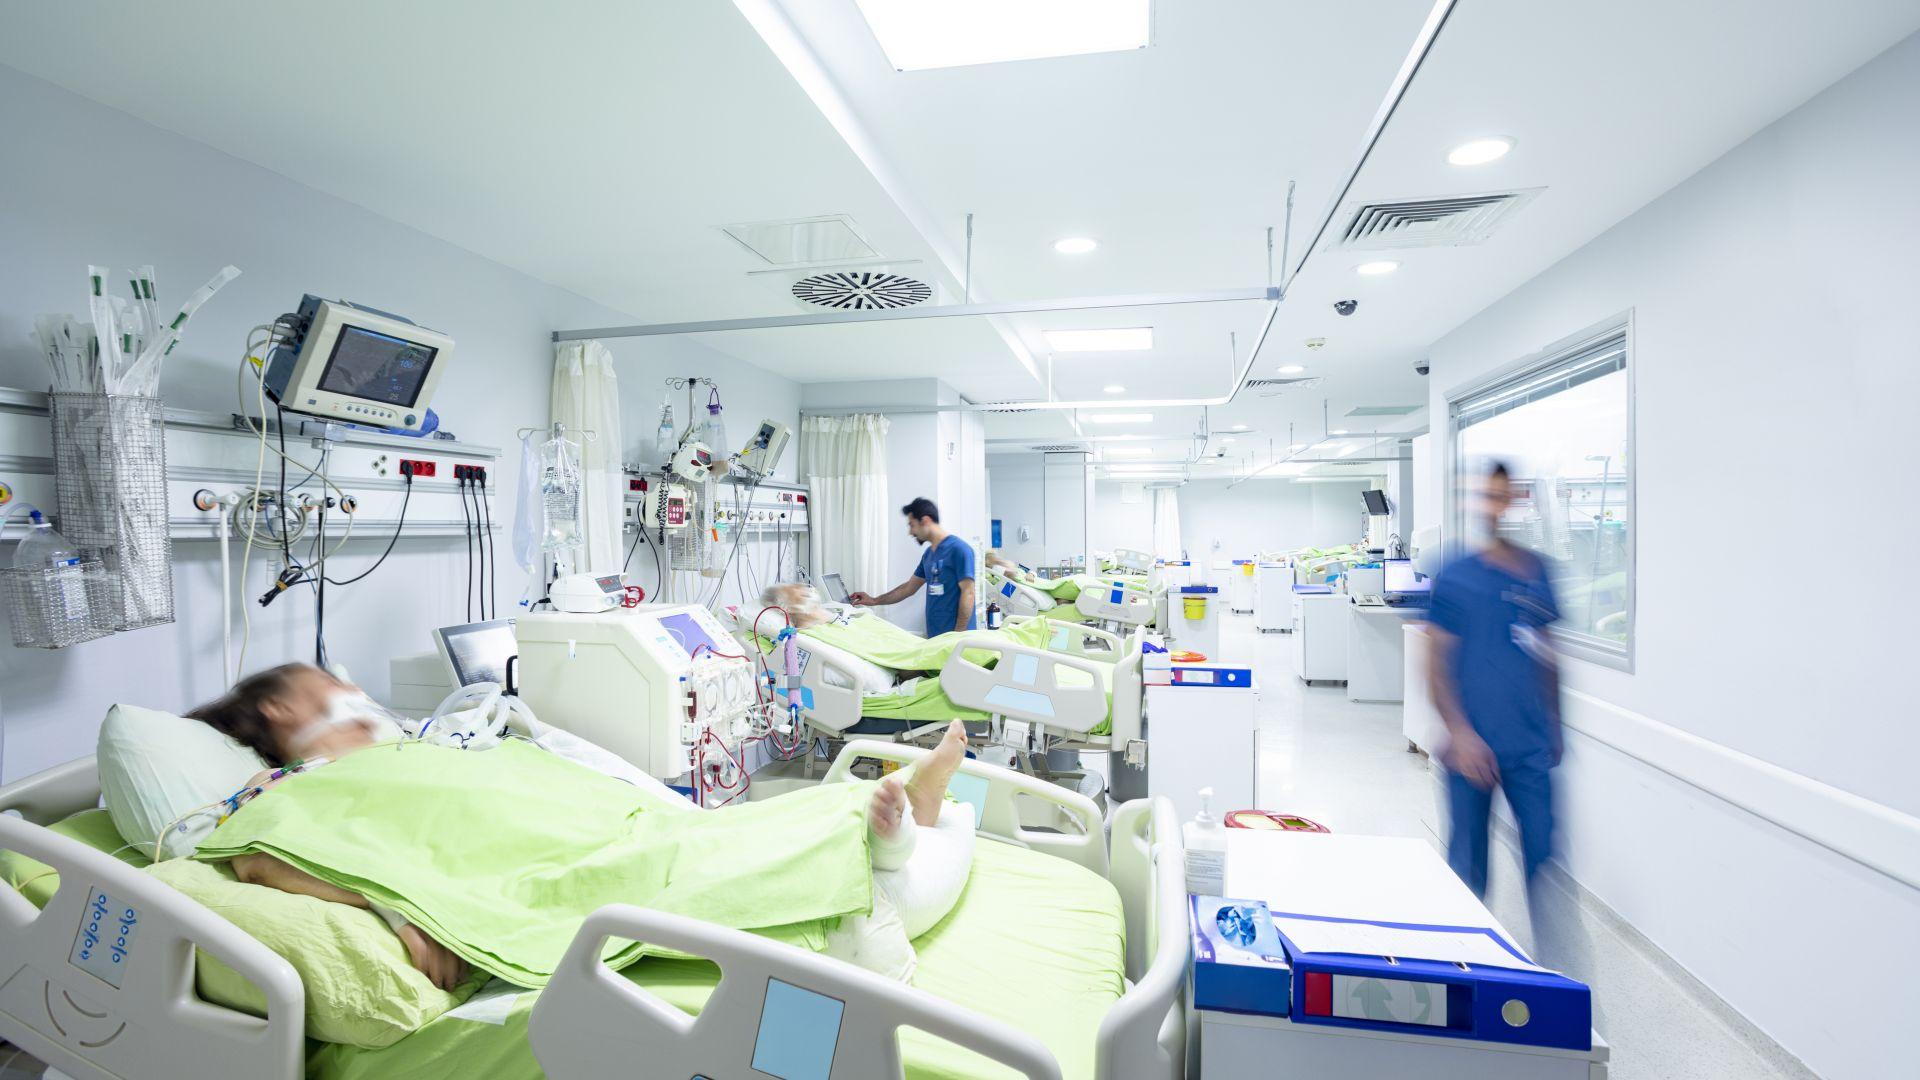 Сърбия последва китайския пример - вдигат за 4 месеца чисто нова болница за COVID